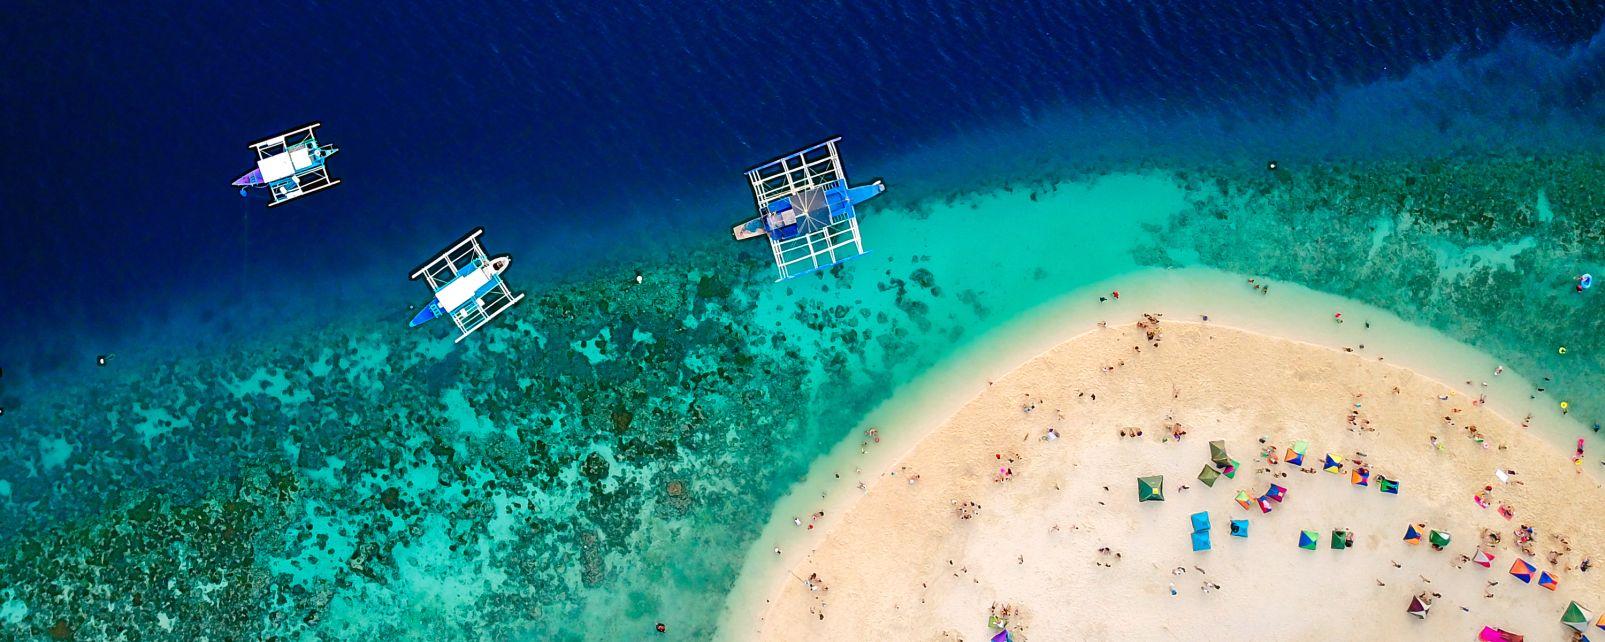 Les côtes, cebu, oslob, philippines, visayas, sumilon, île, asie